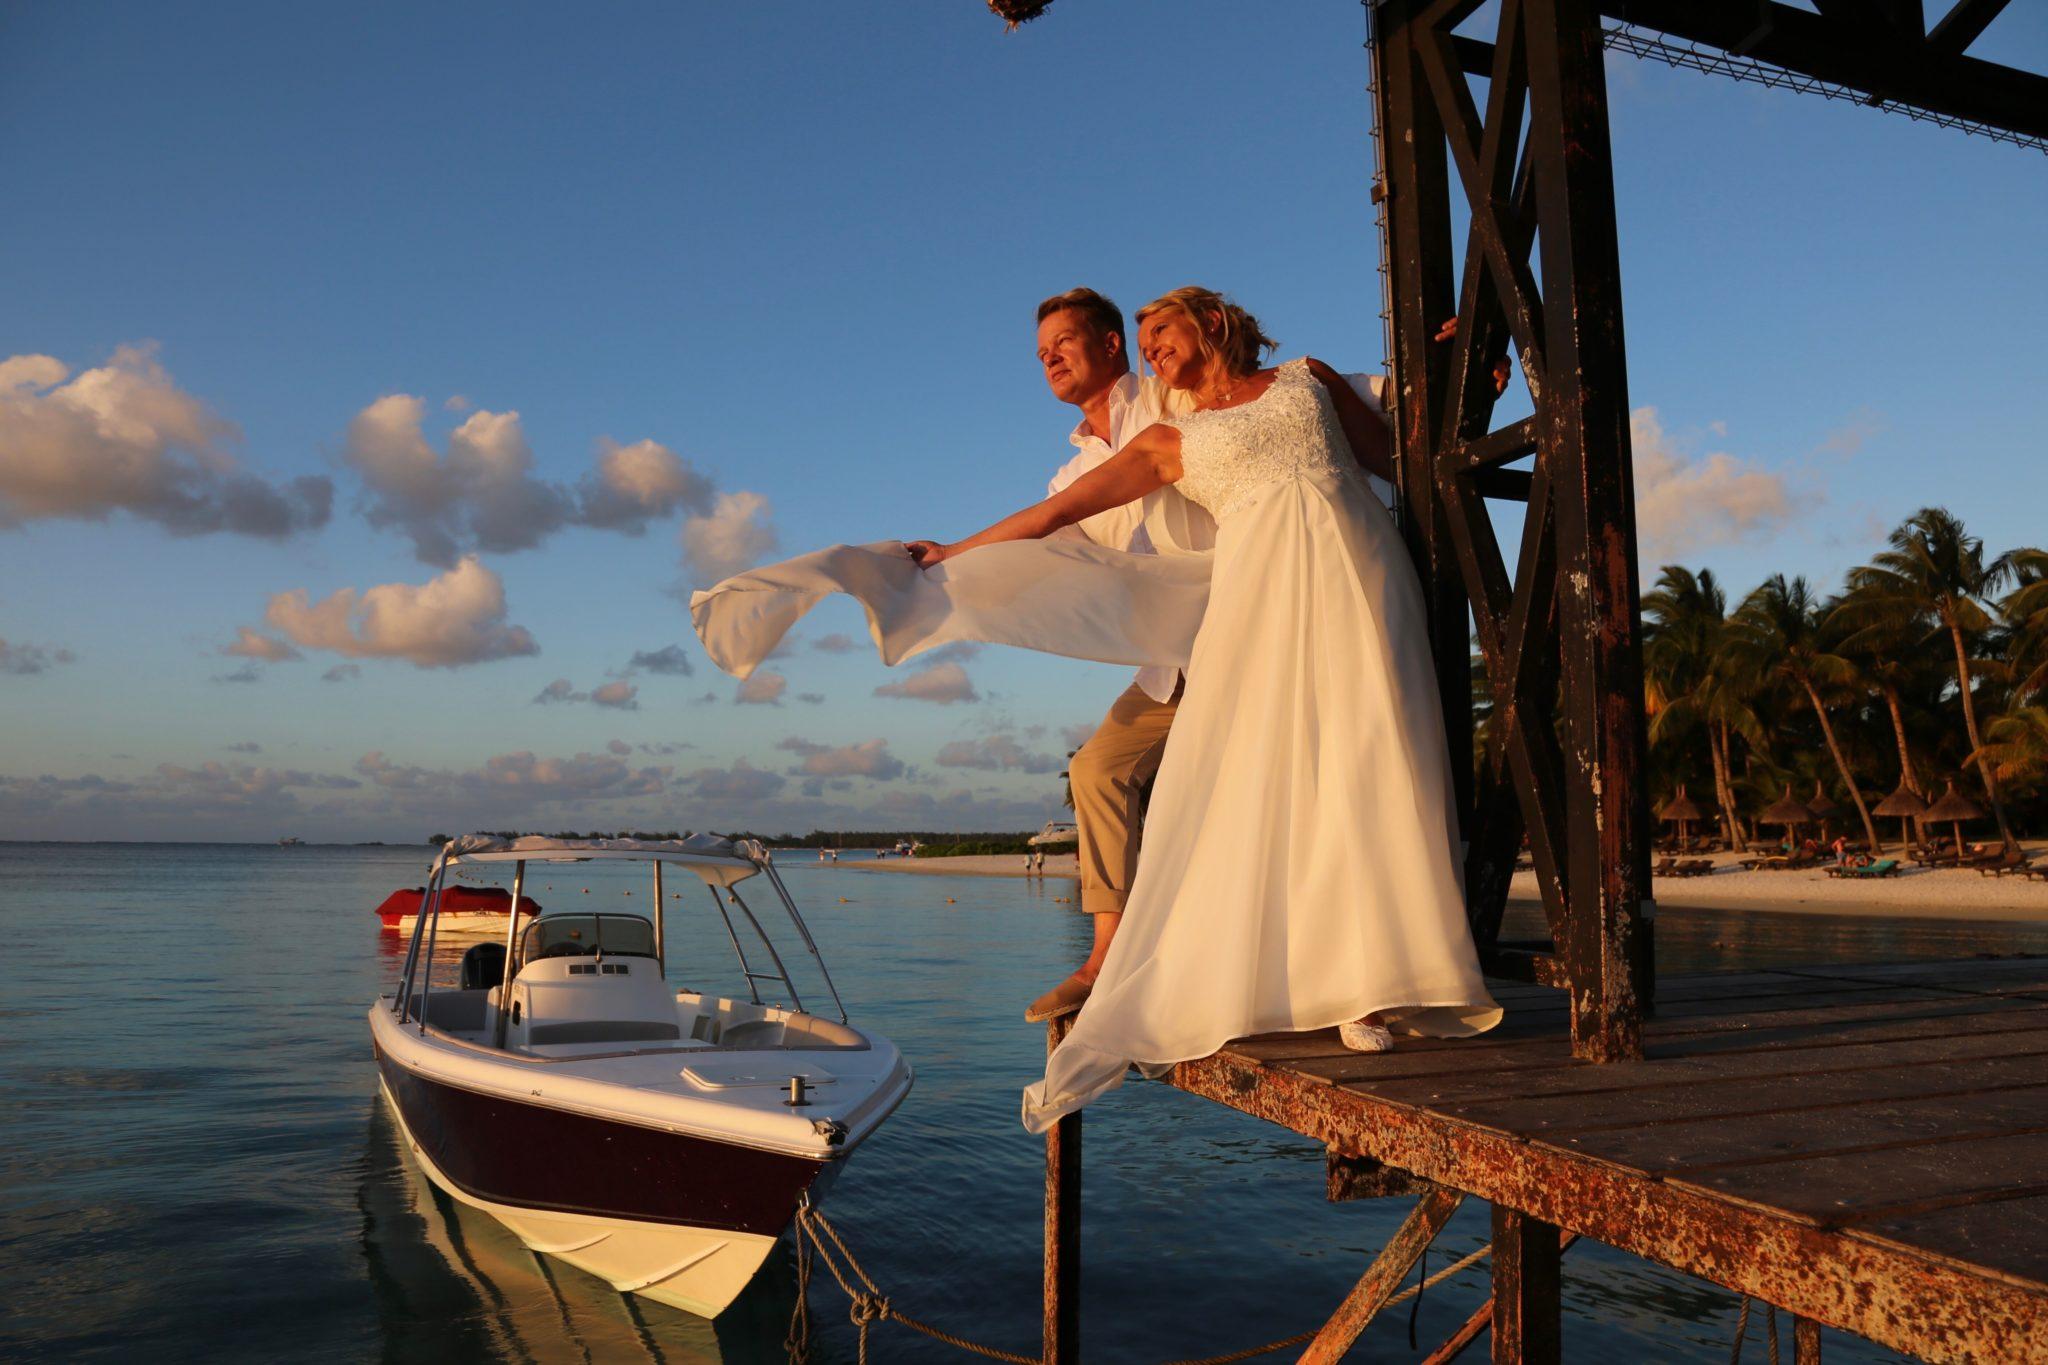 Hochzeitspaar auf einem Steg am Strand mit Boot im Hintergrund